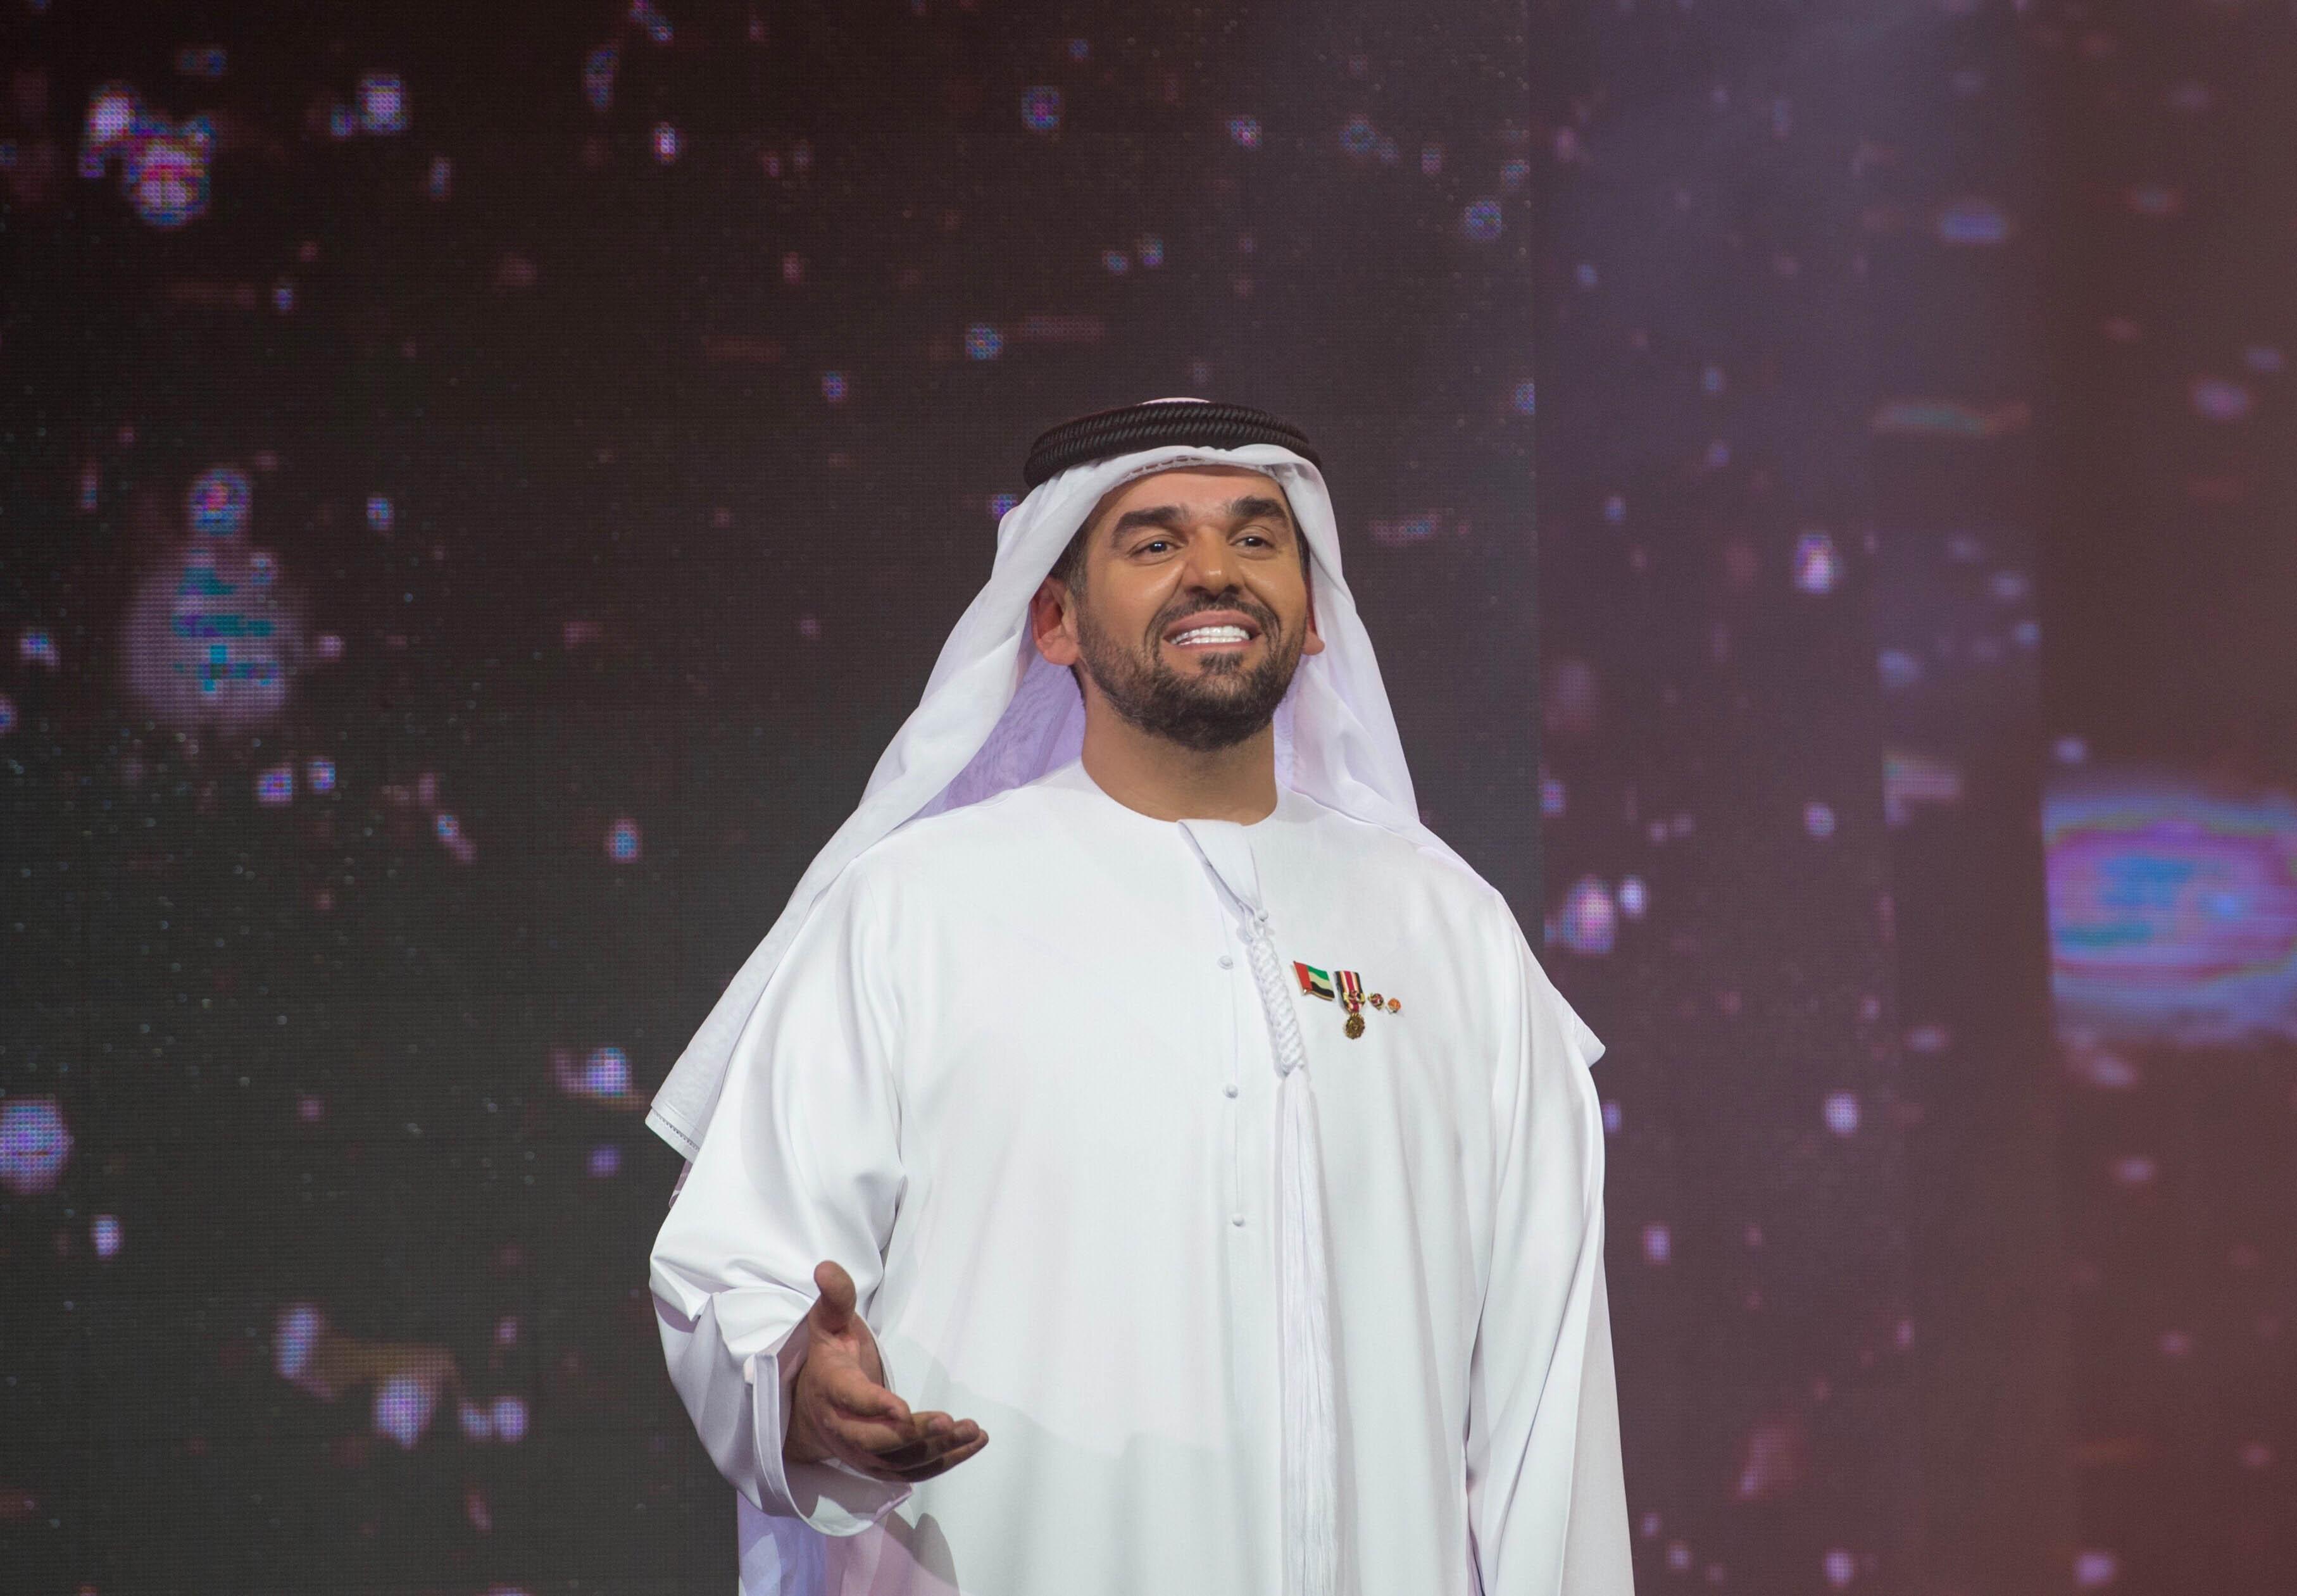 صورة حسين الجسمي ينثر رسالة التربية في تضامن وروح العمل الخليجي المشترك